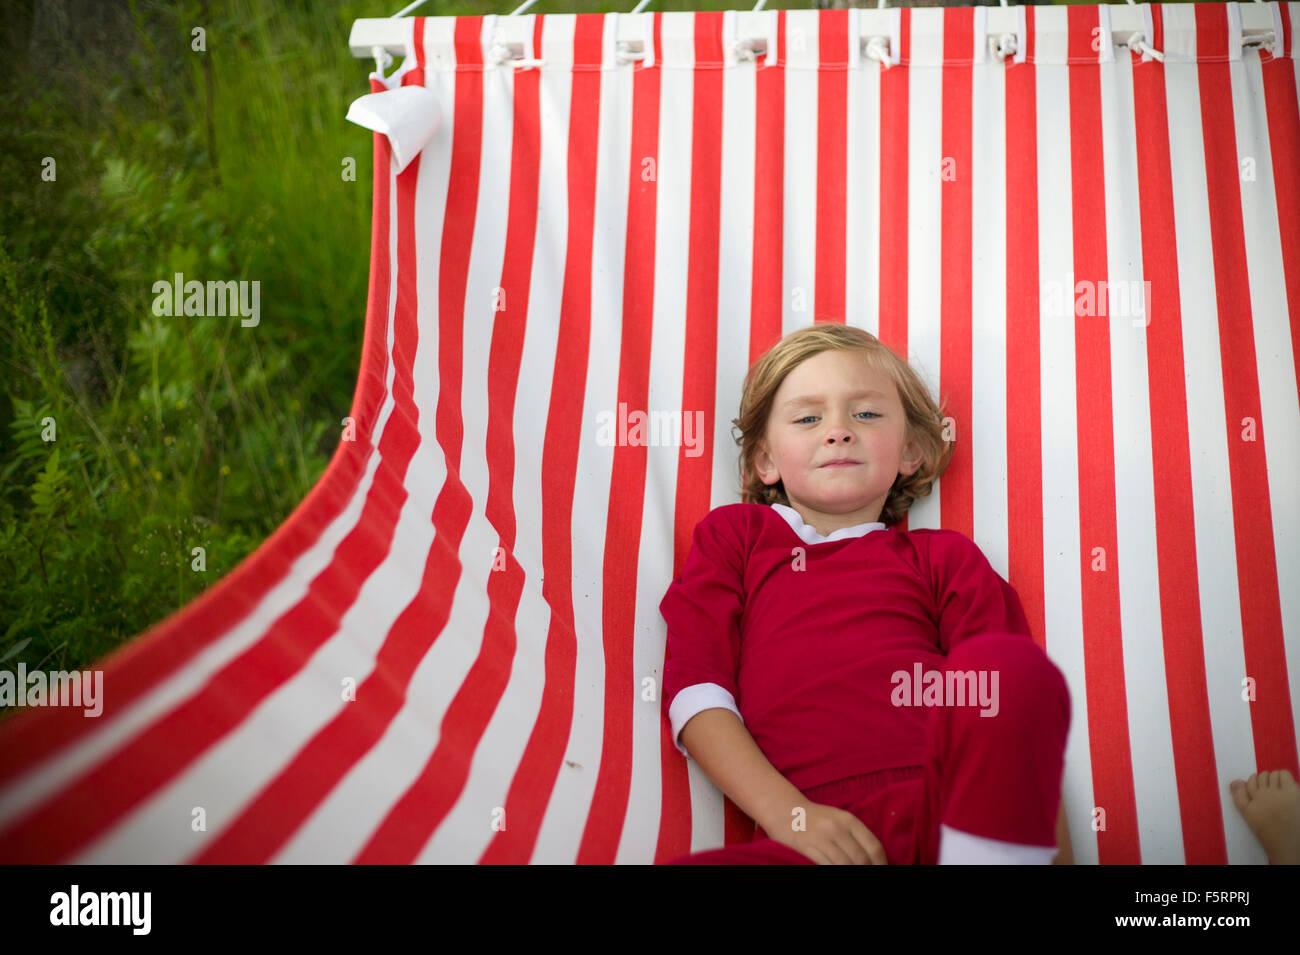 Sweden, Dalarna, Leksand, Boy (6-7) in hammock Stock Photo